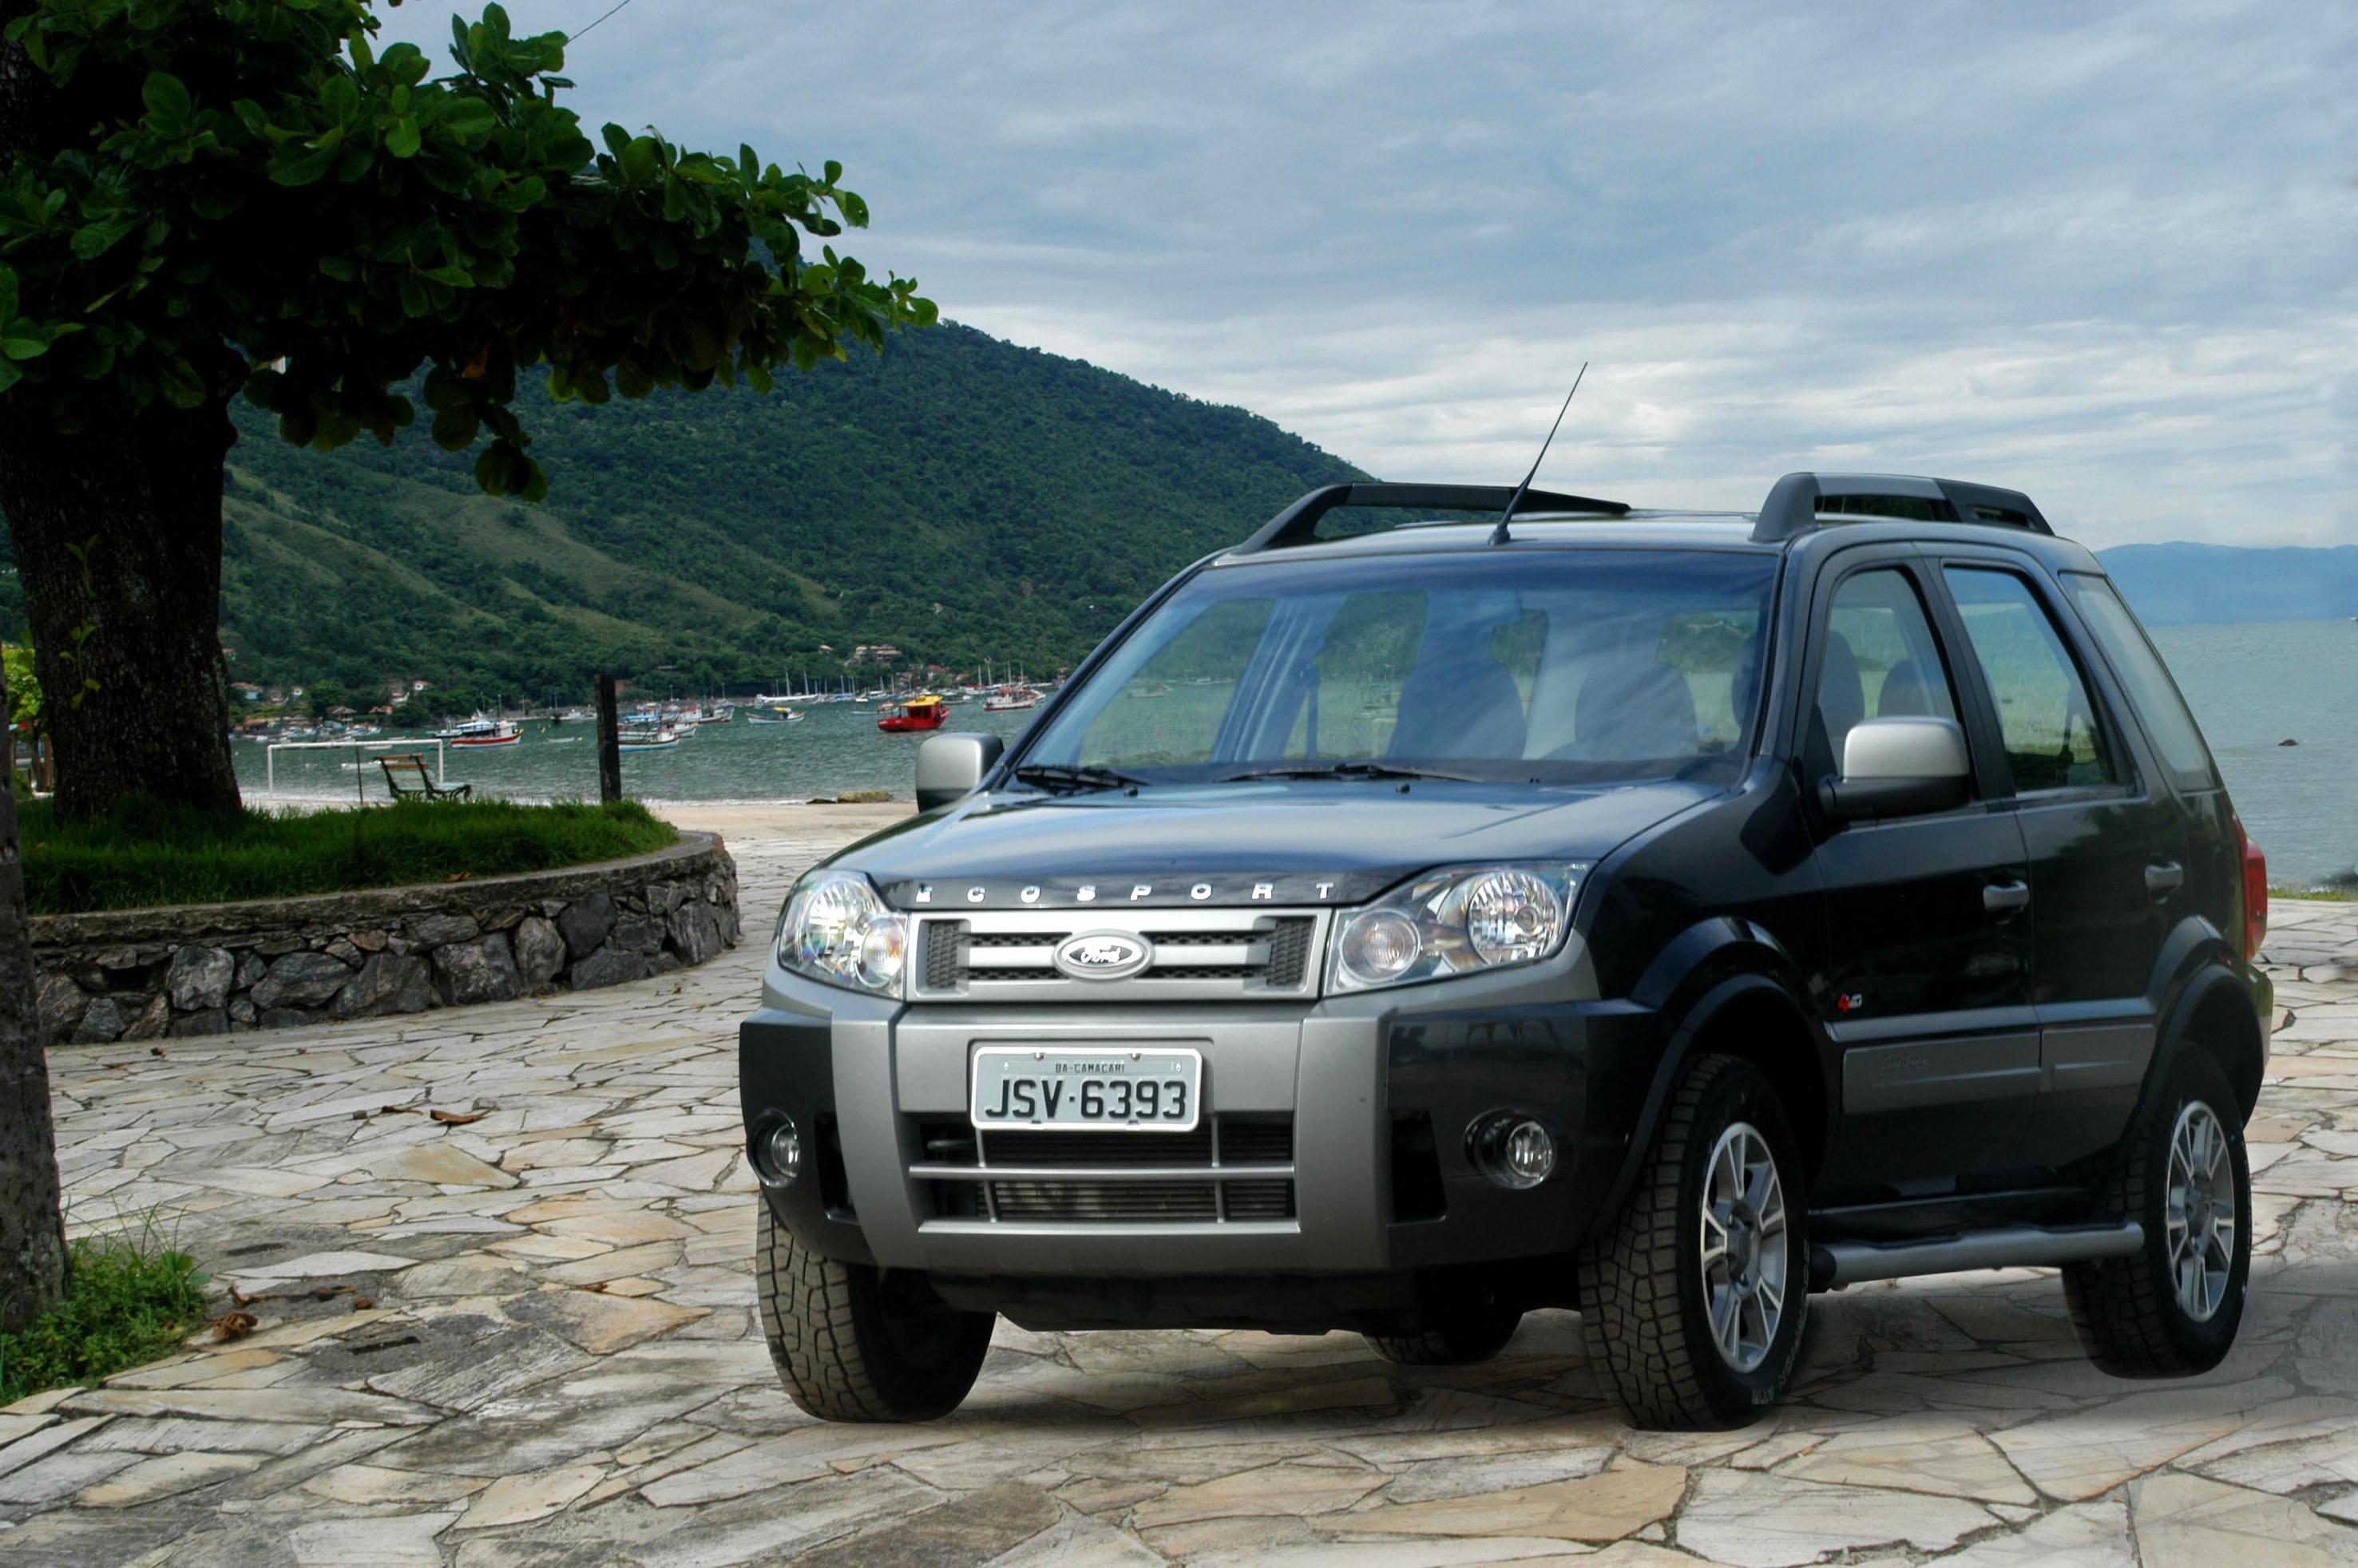 Galeria De Imagens  Ford Ecosport 2011